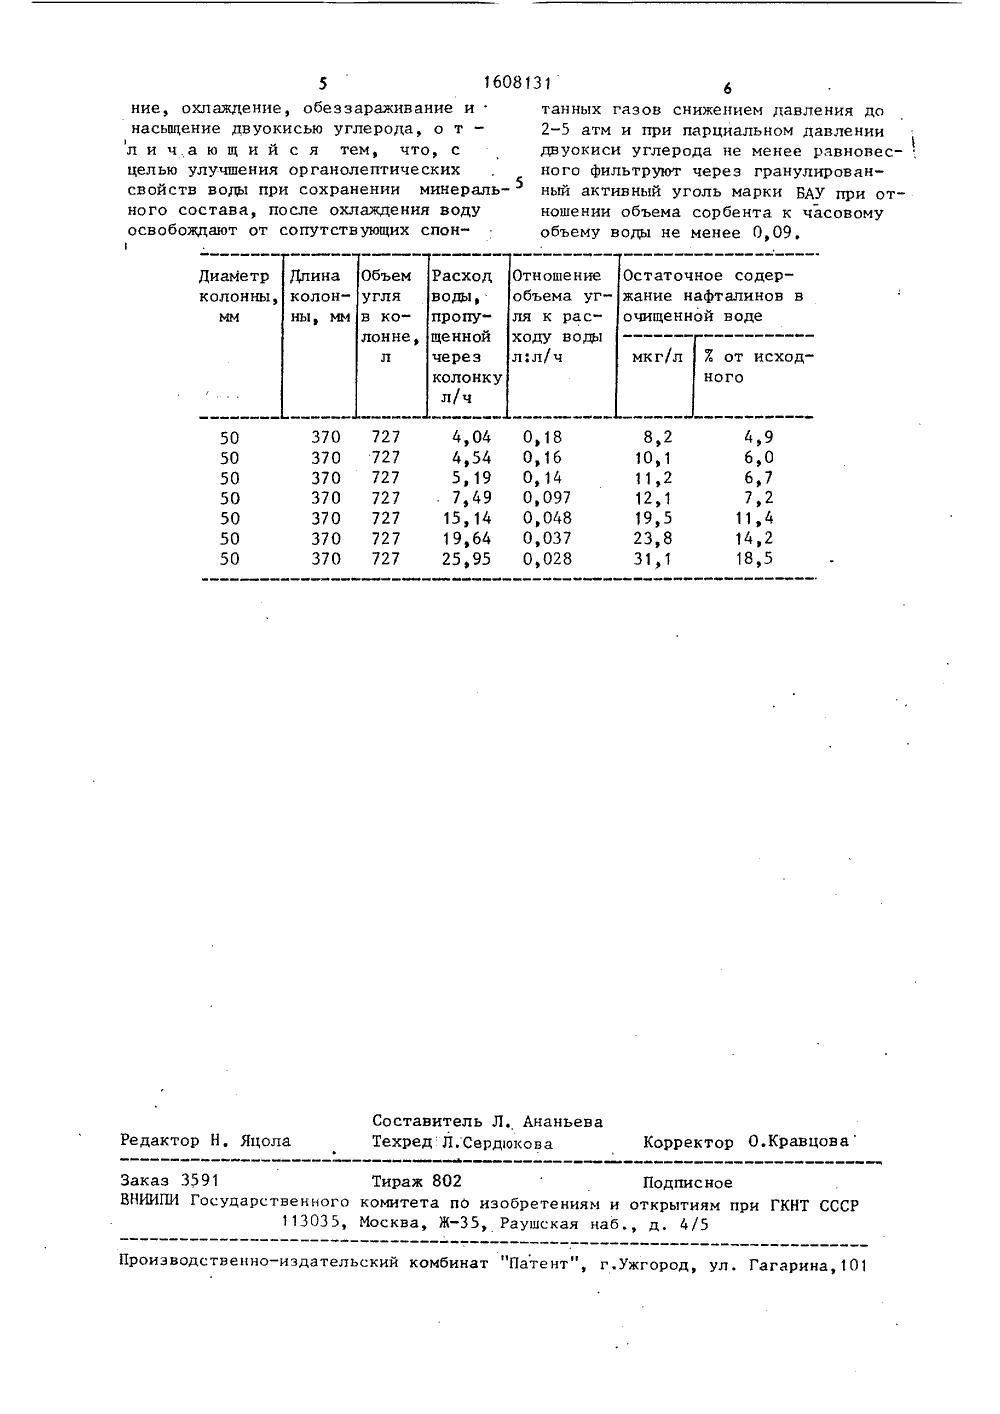 Пример Положения о премировании работников — Audit-it